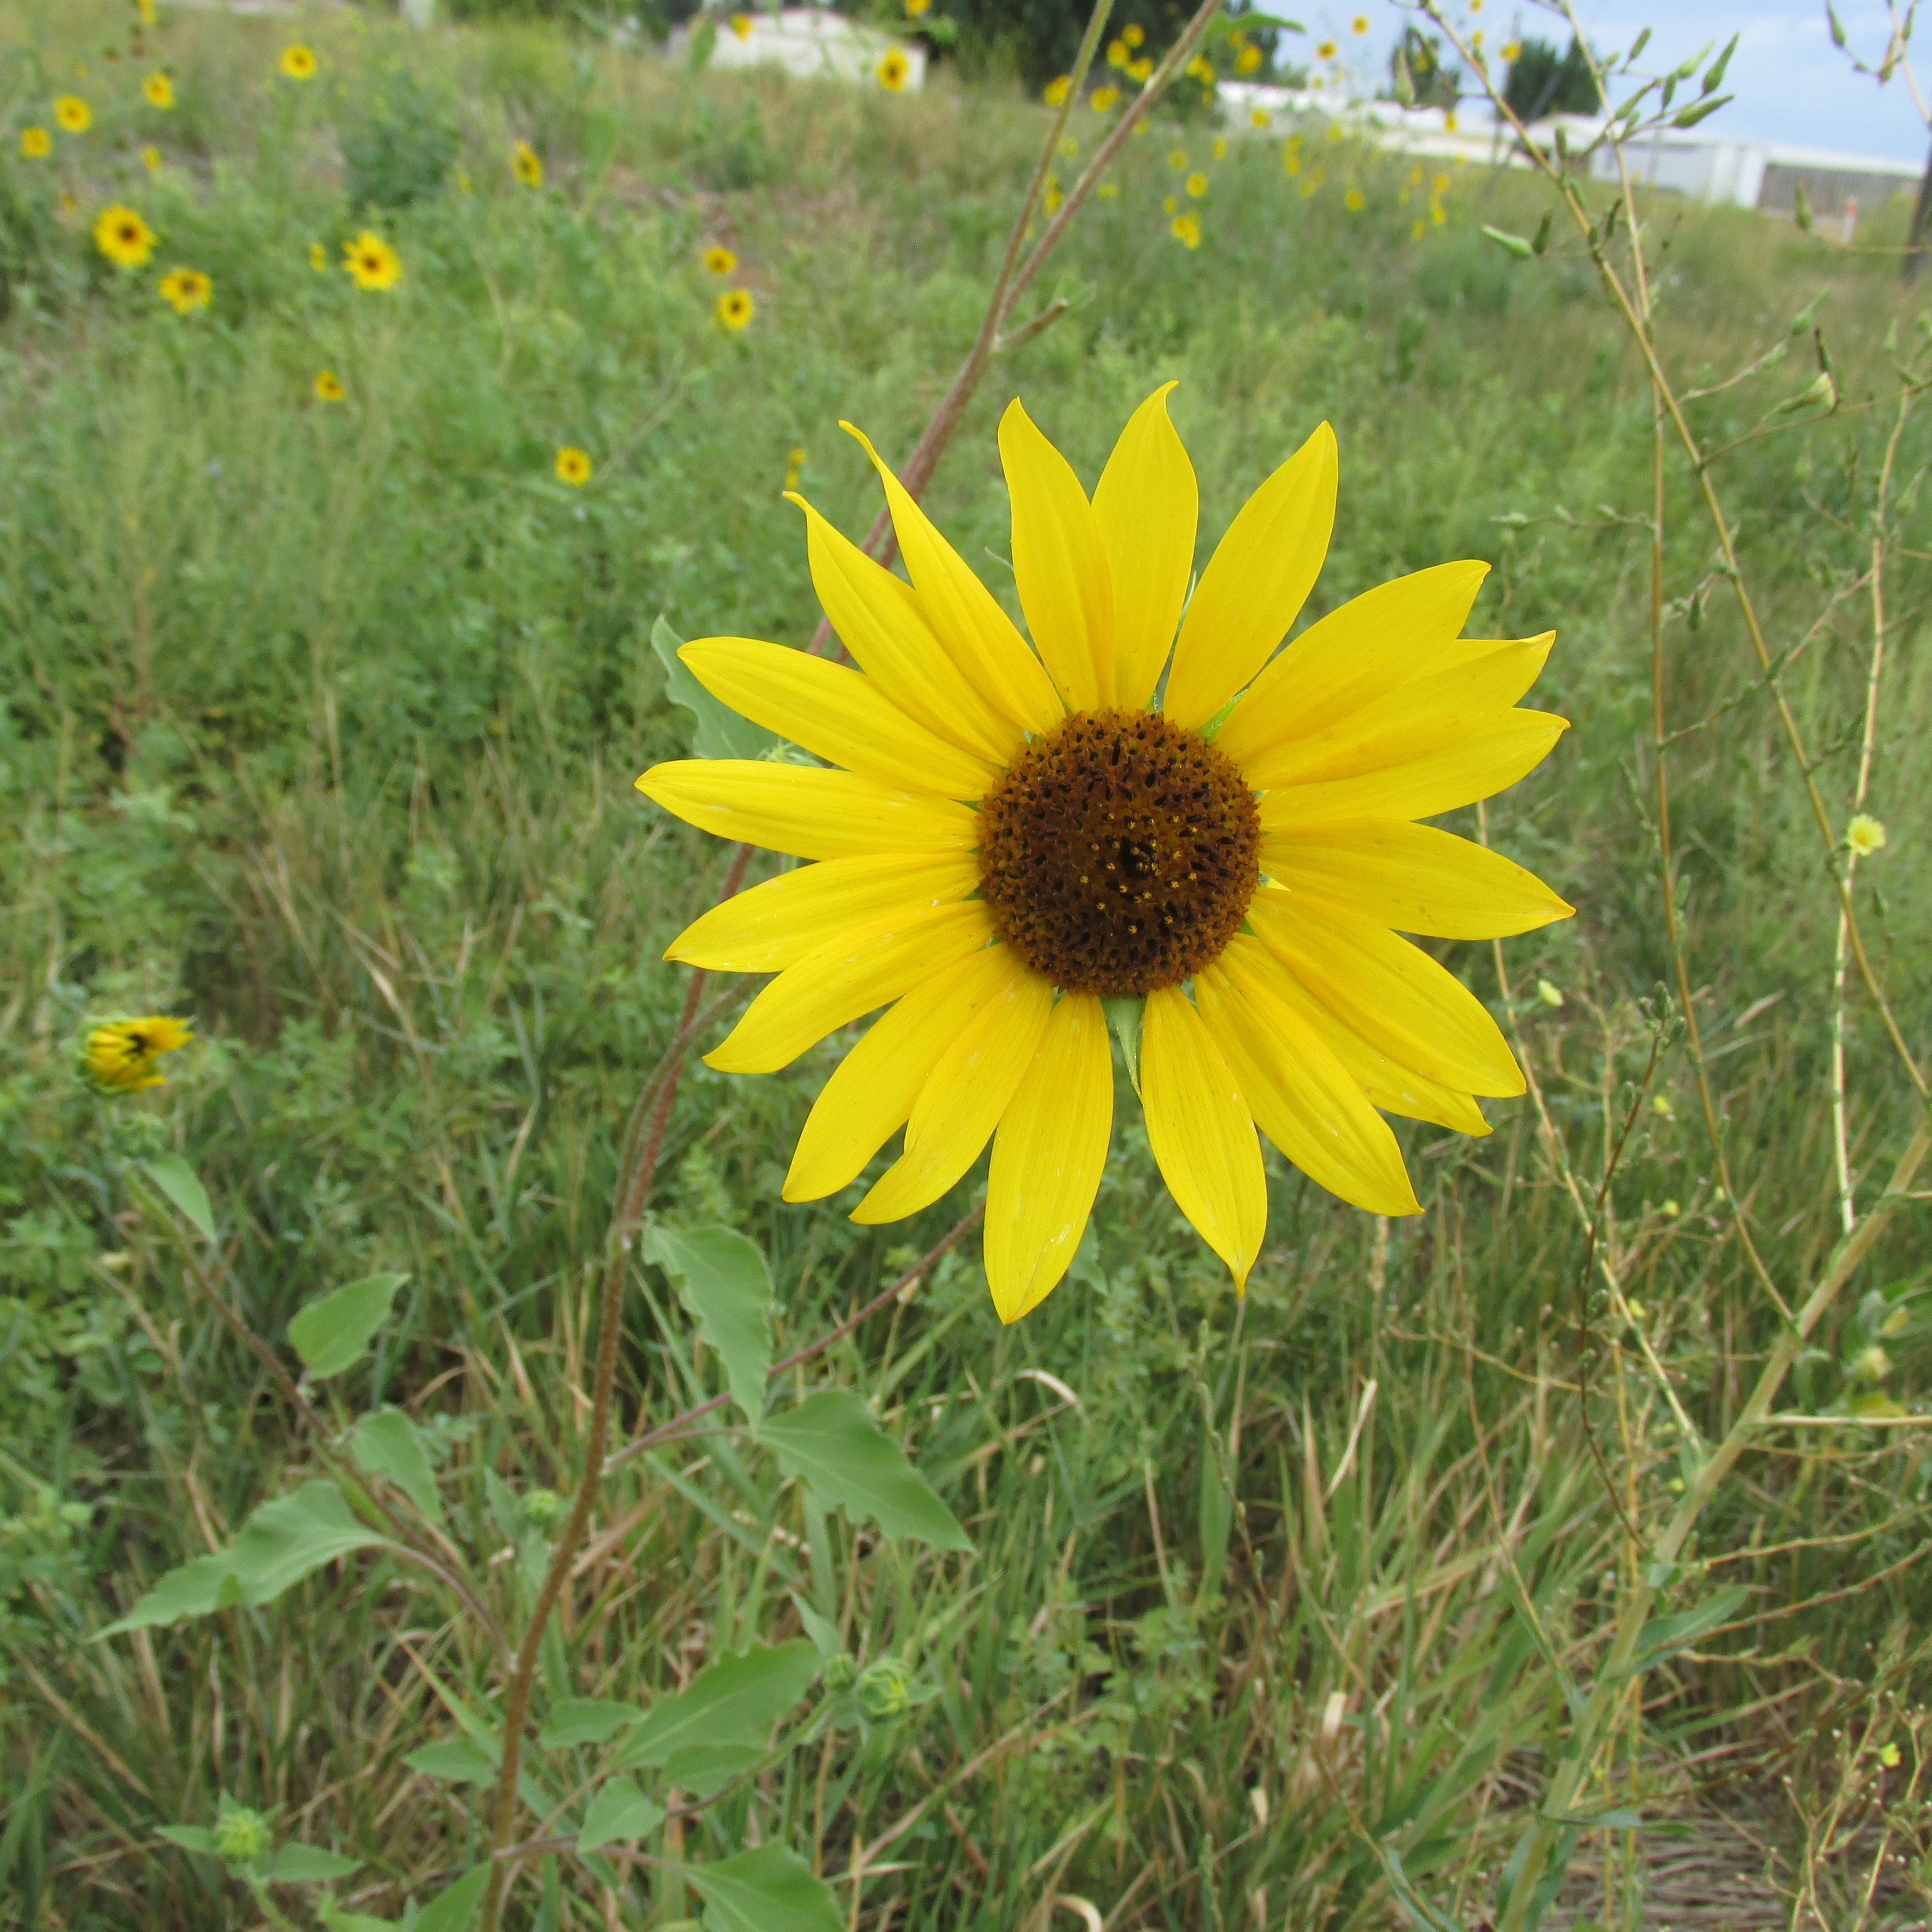 Sunflowers Utah 8-21-18 IMG_4161